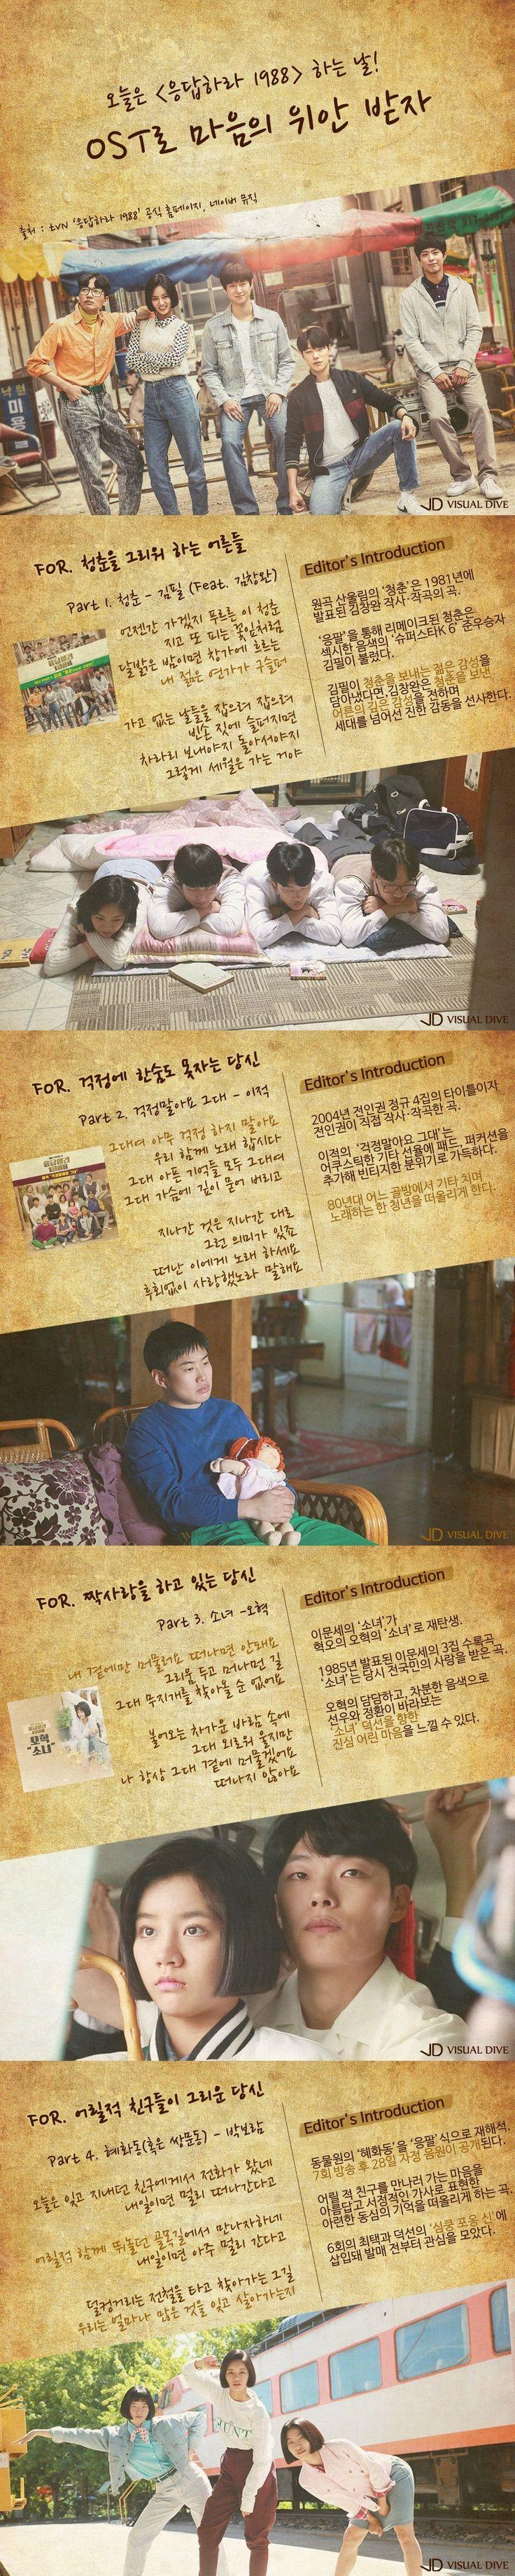 '응답하라 1988' OST 열풍…다시 부는 80년대 추억 바람 [카드뉴스] #Drama / #Cardnews ⓒ 비주얼다이브 무단 복사·전재·재배포 금지